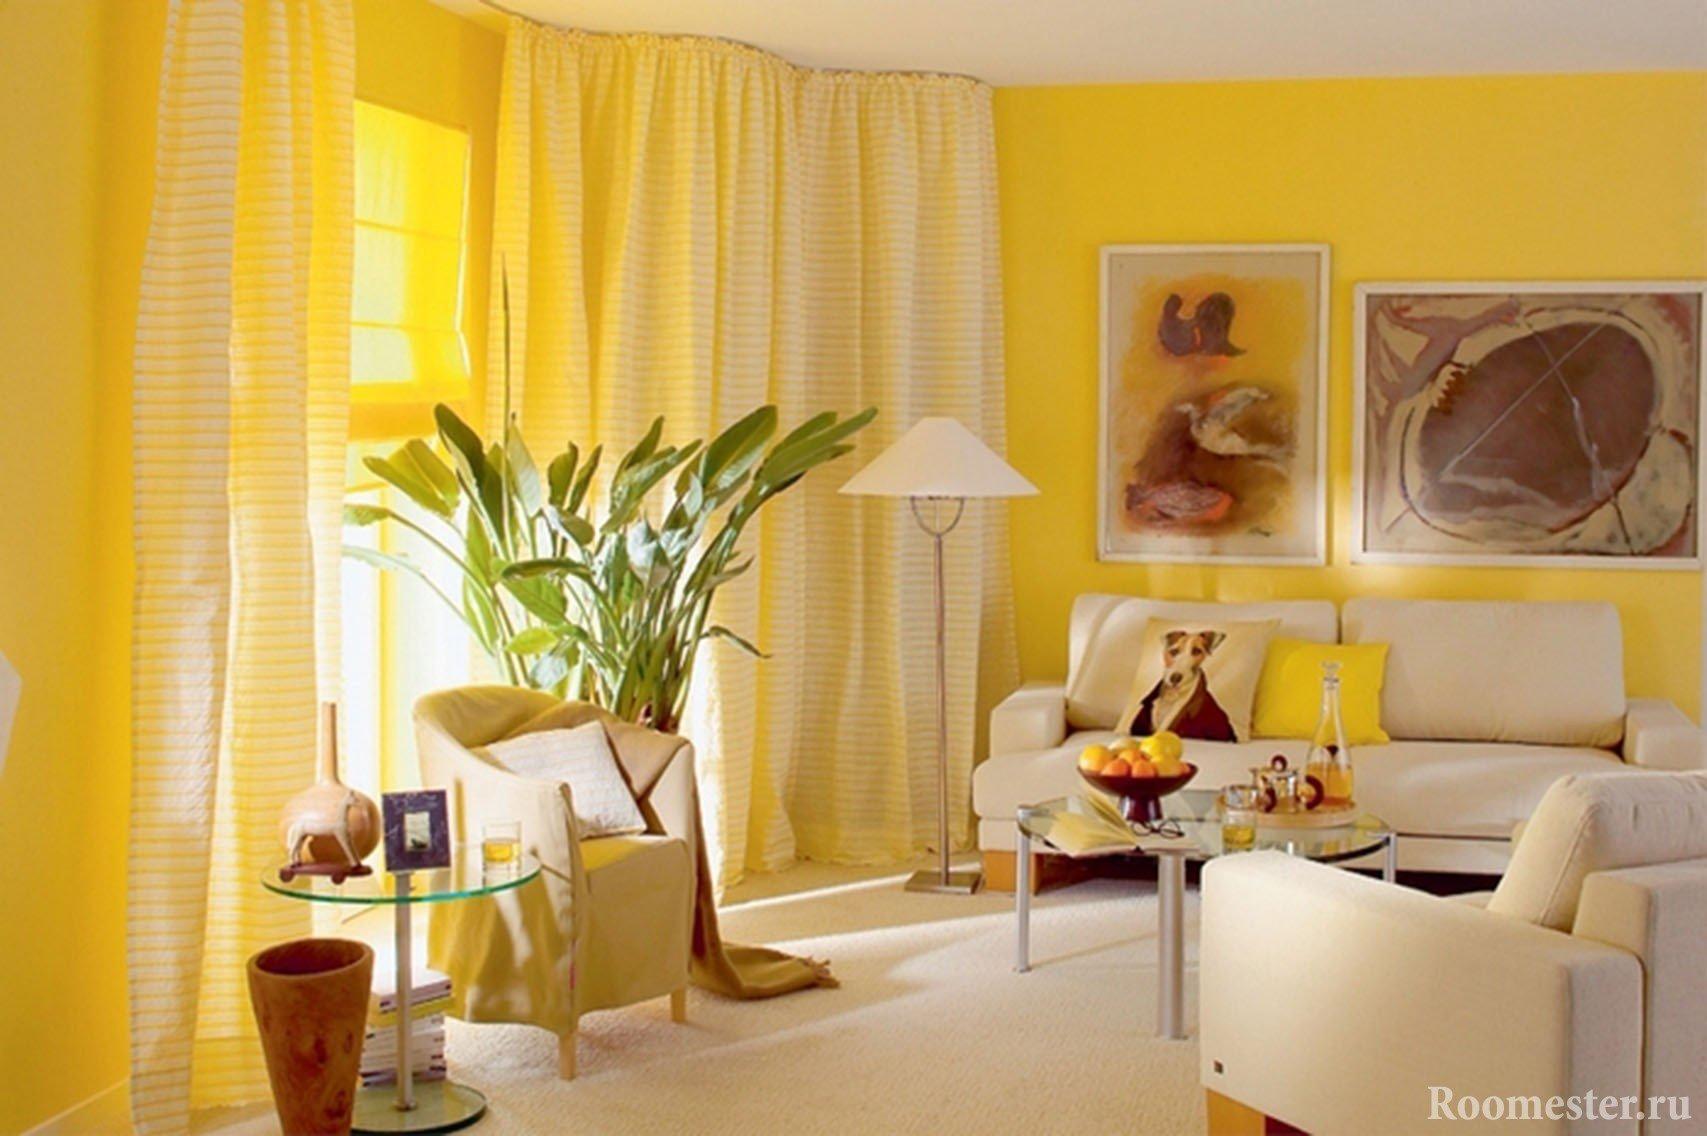 Солнечная гостиная желтого цвета